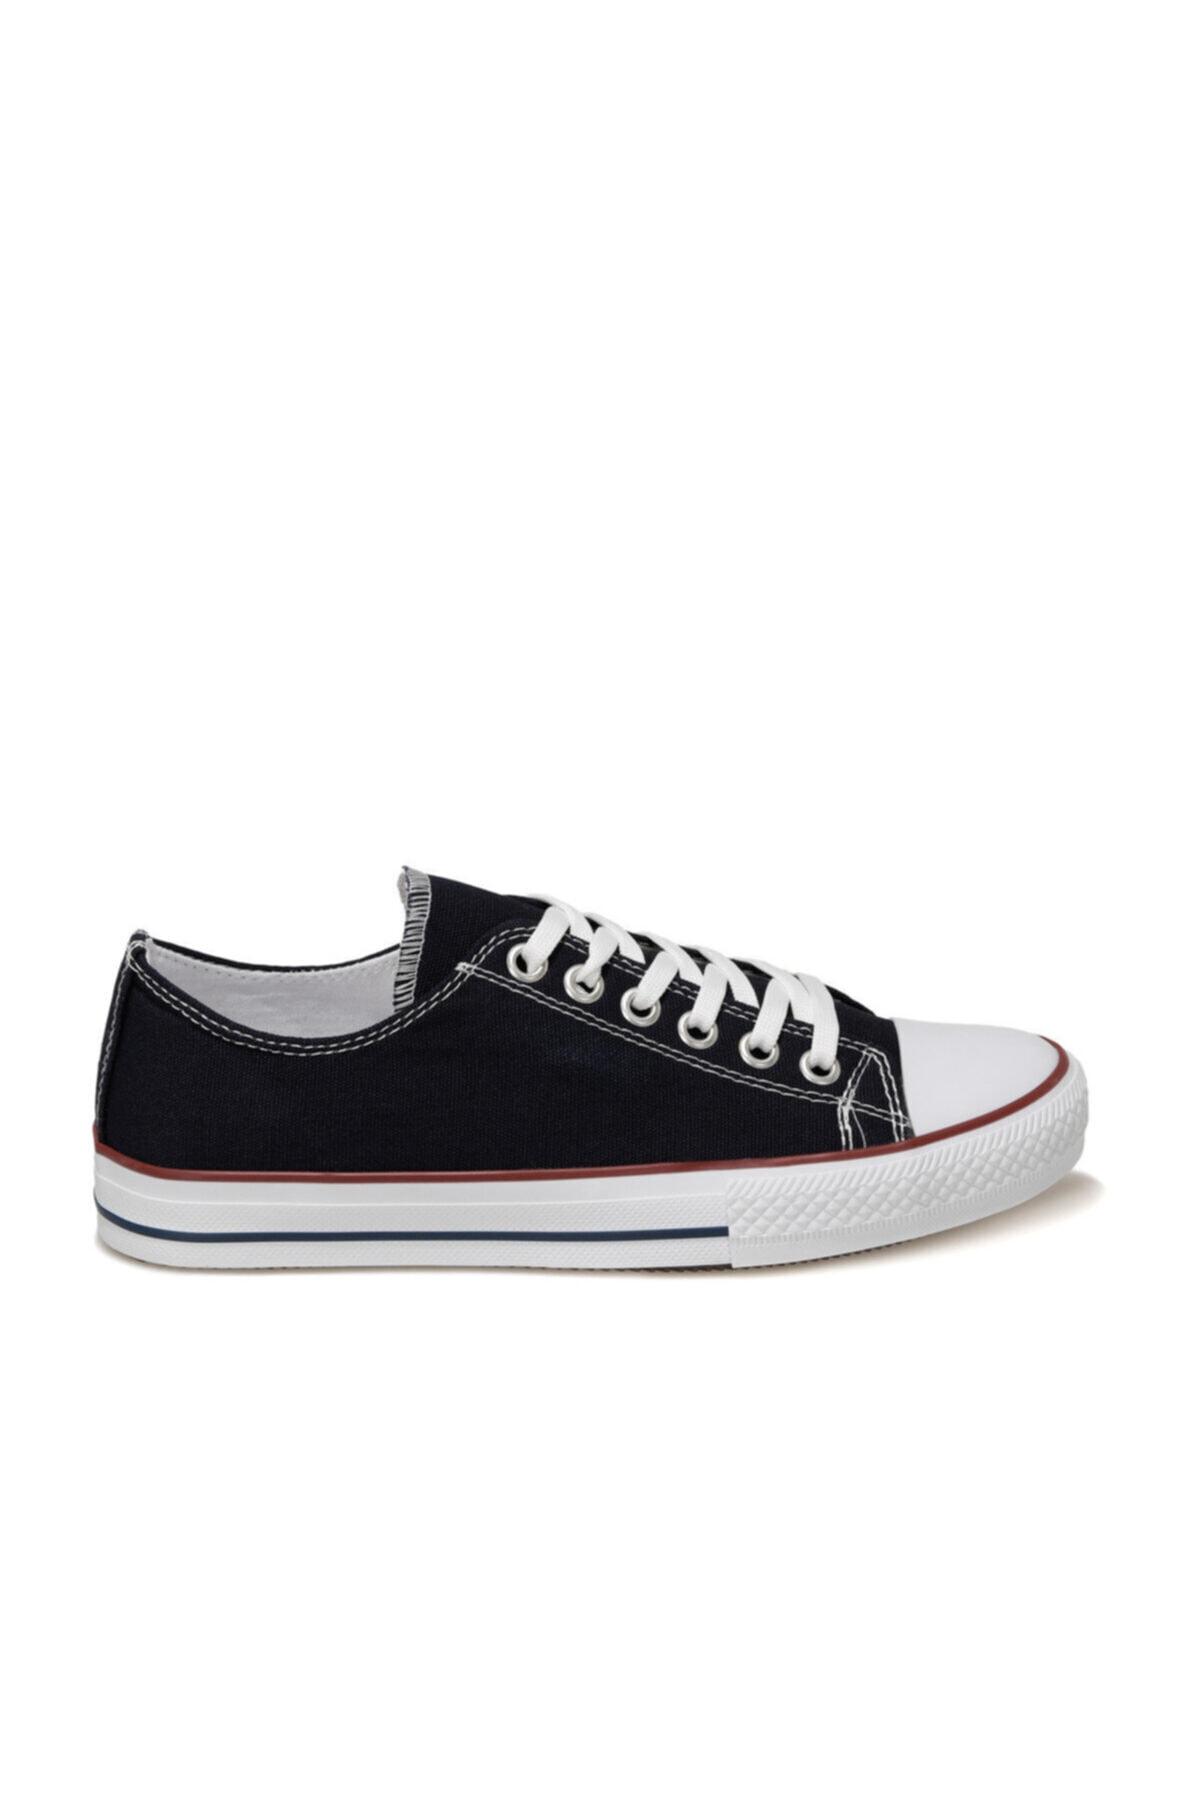 Polaris 356759.M1FX Lacivert Erkek Sneaker Ayakkabı 101015136 2